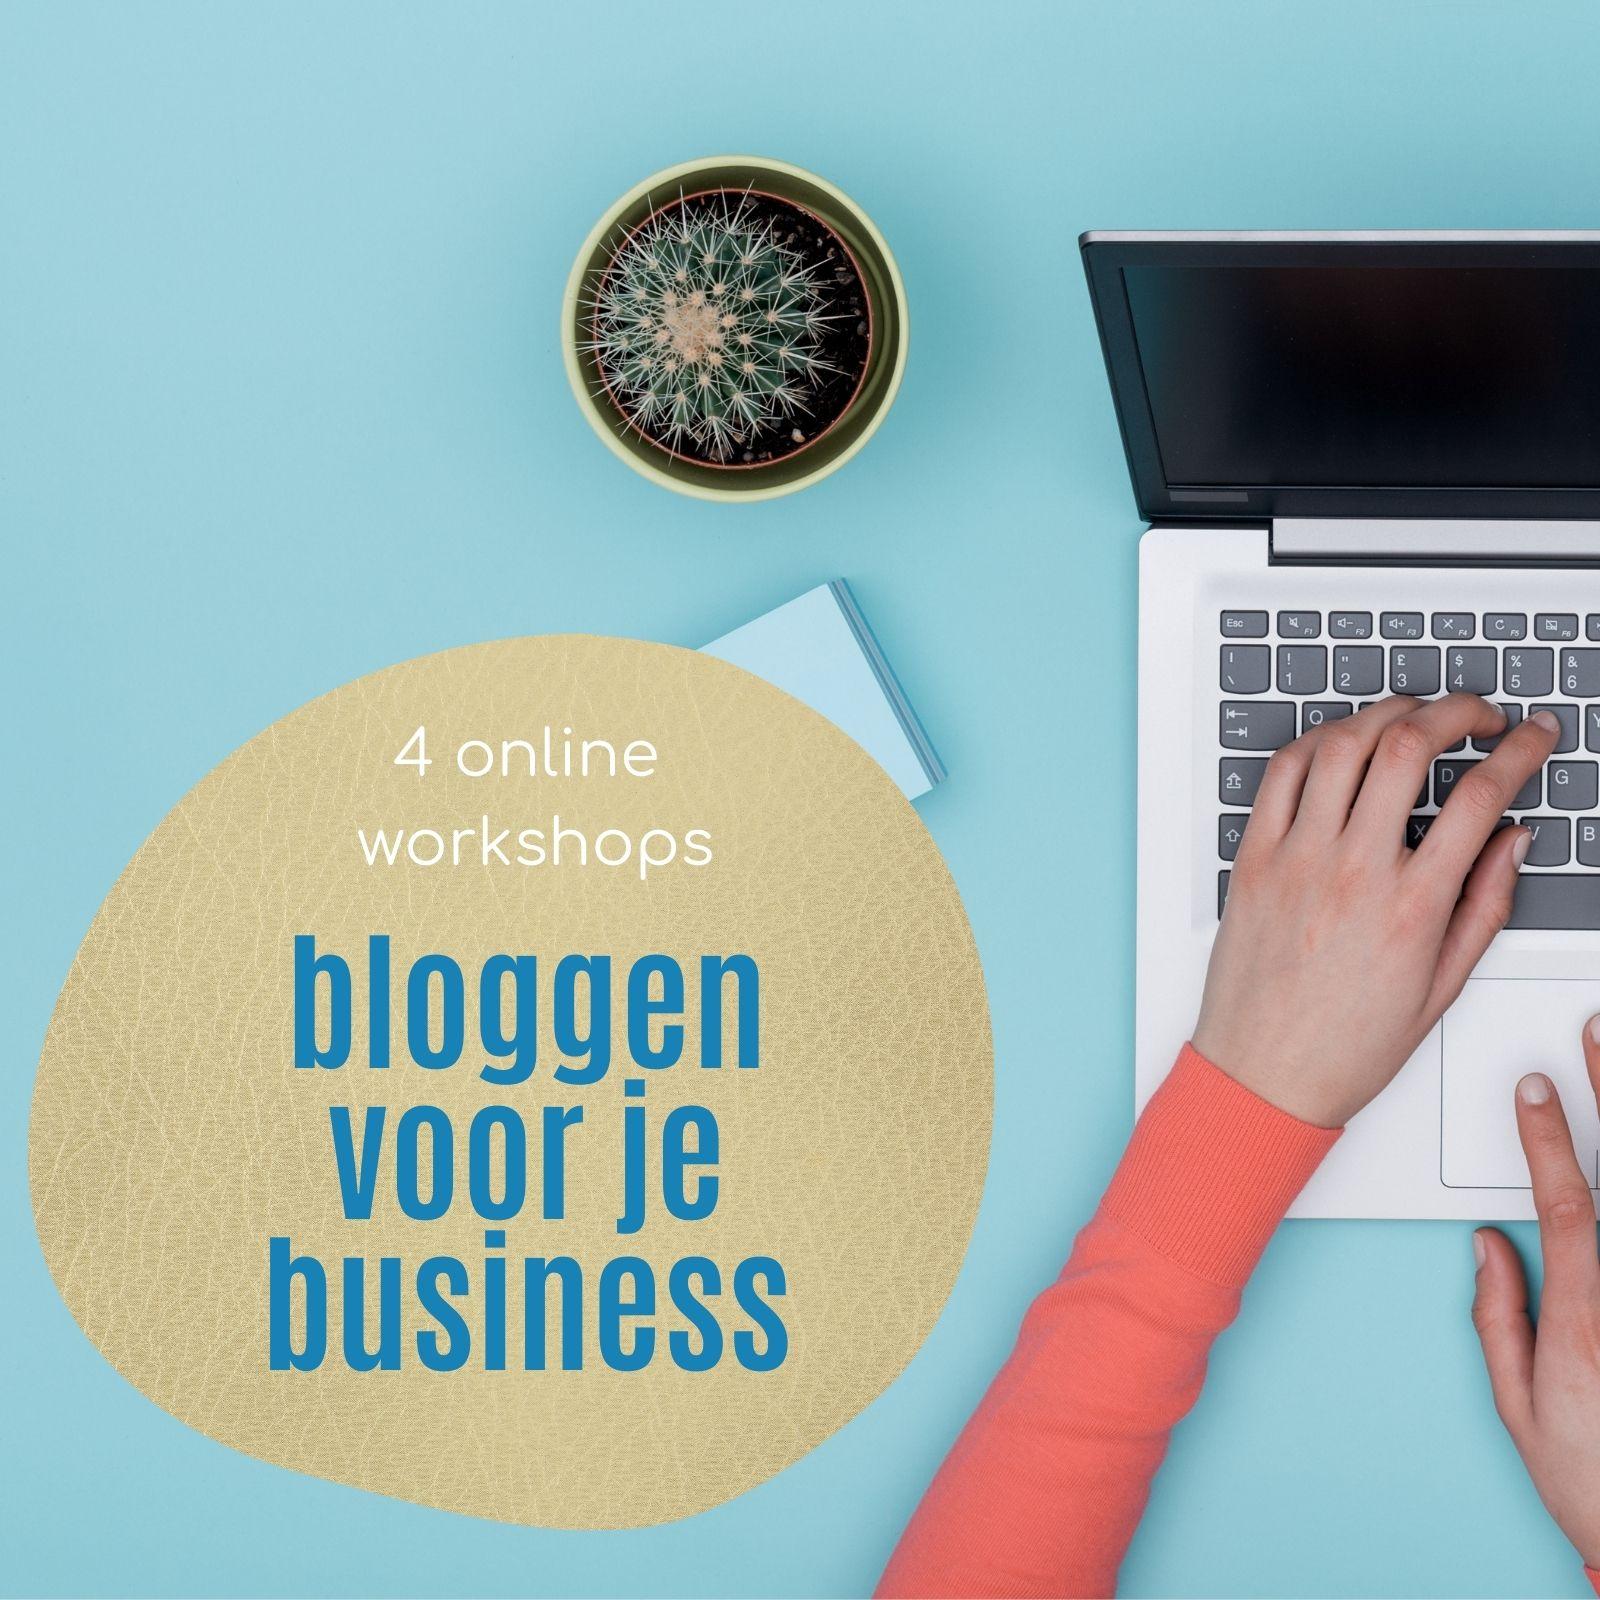 Bloggen voor je business